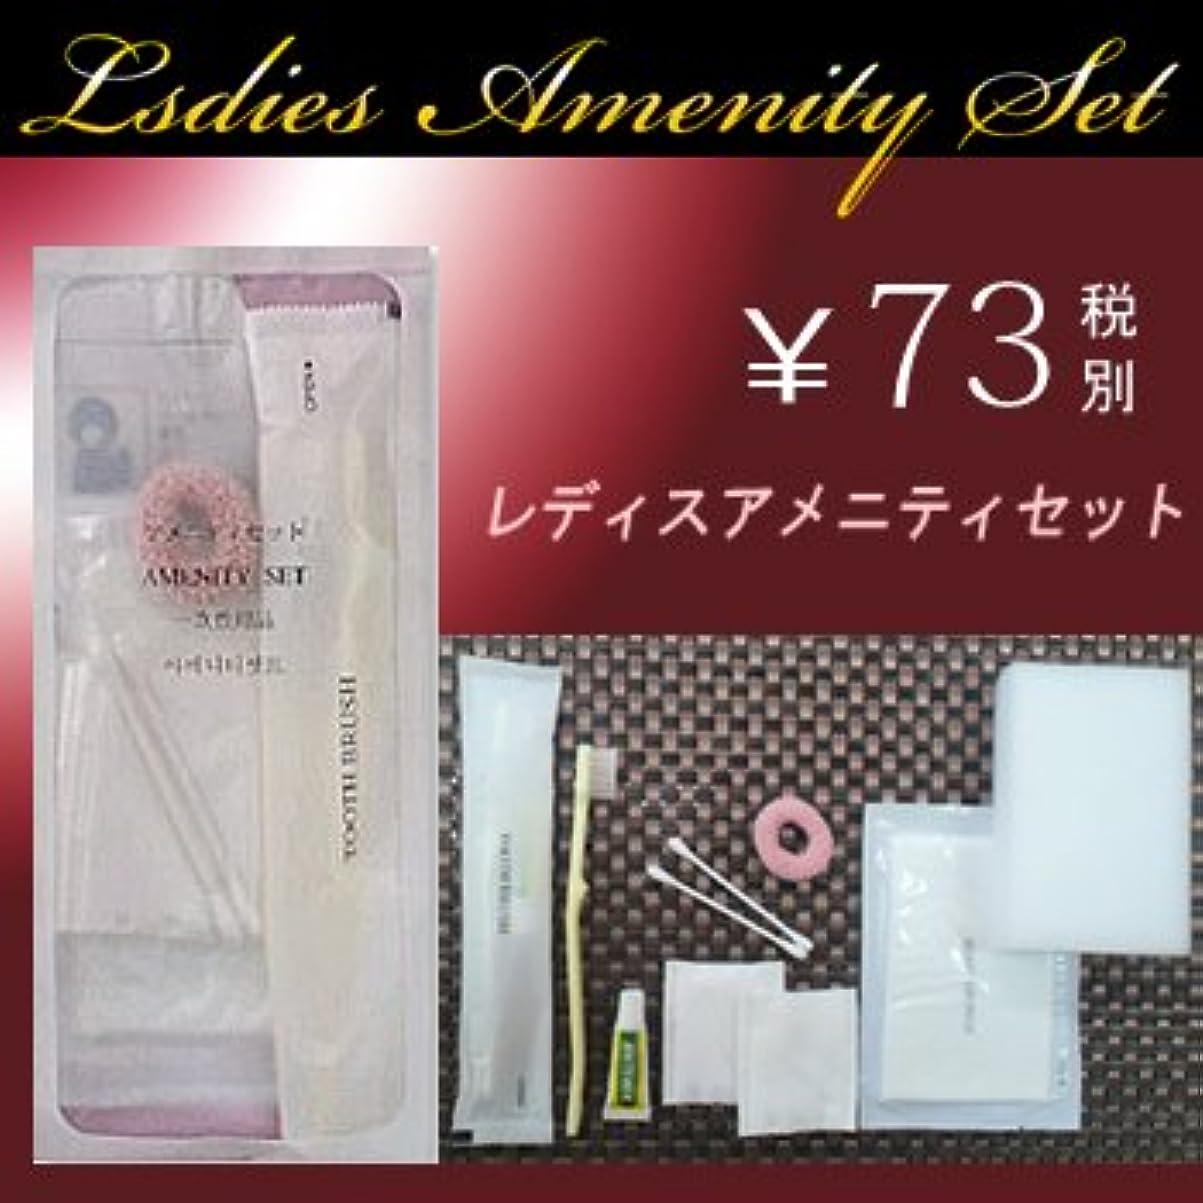 旧正月政府色合いレディスアメニティフルセット袋入(1セット300個入)